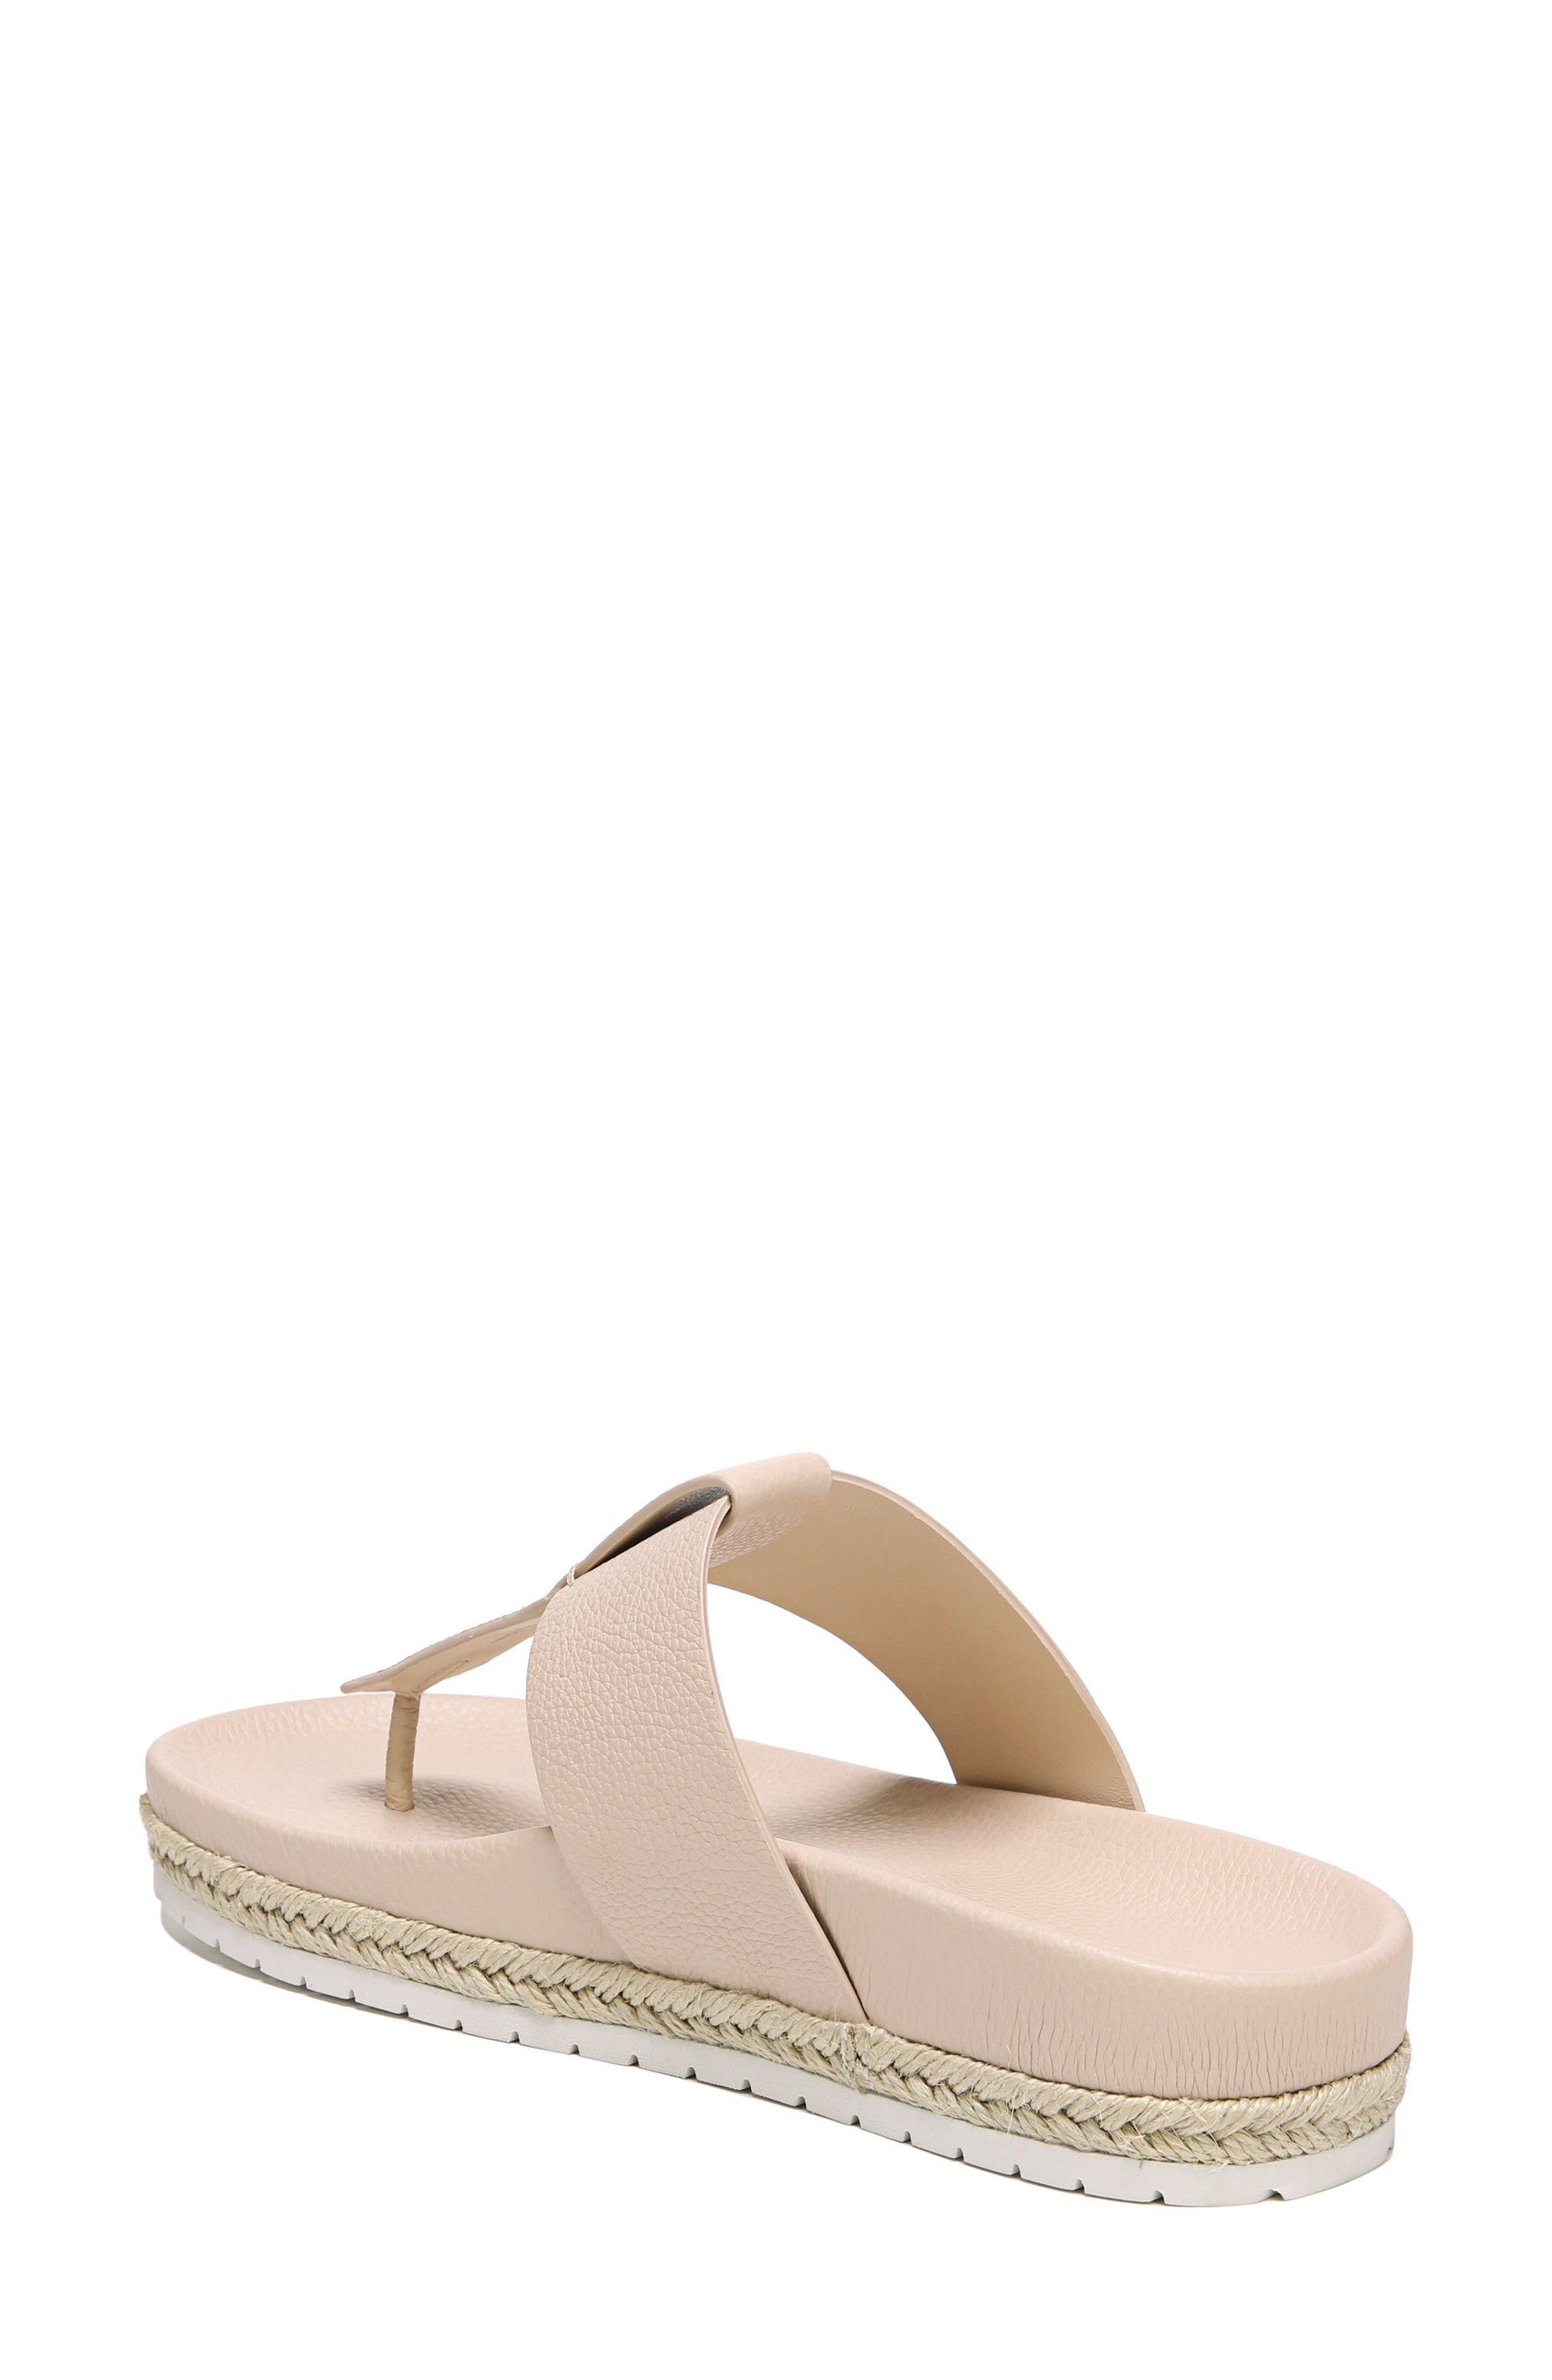 Avani T-Strap Flat Sandal,                             Alternate thumbnail 8, color,